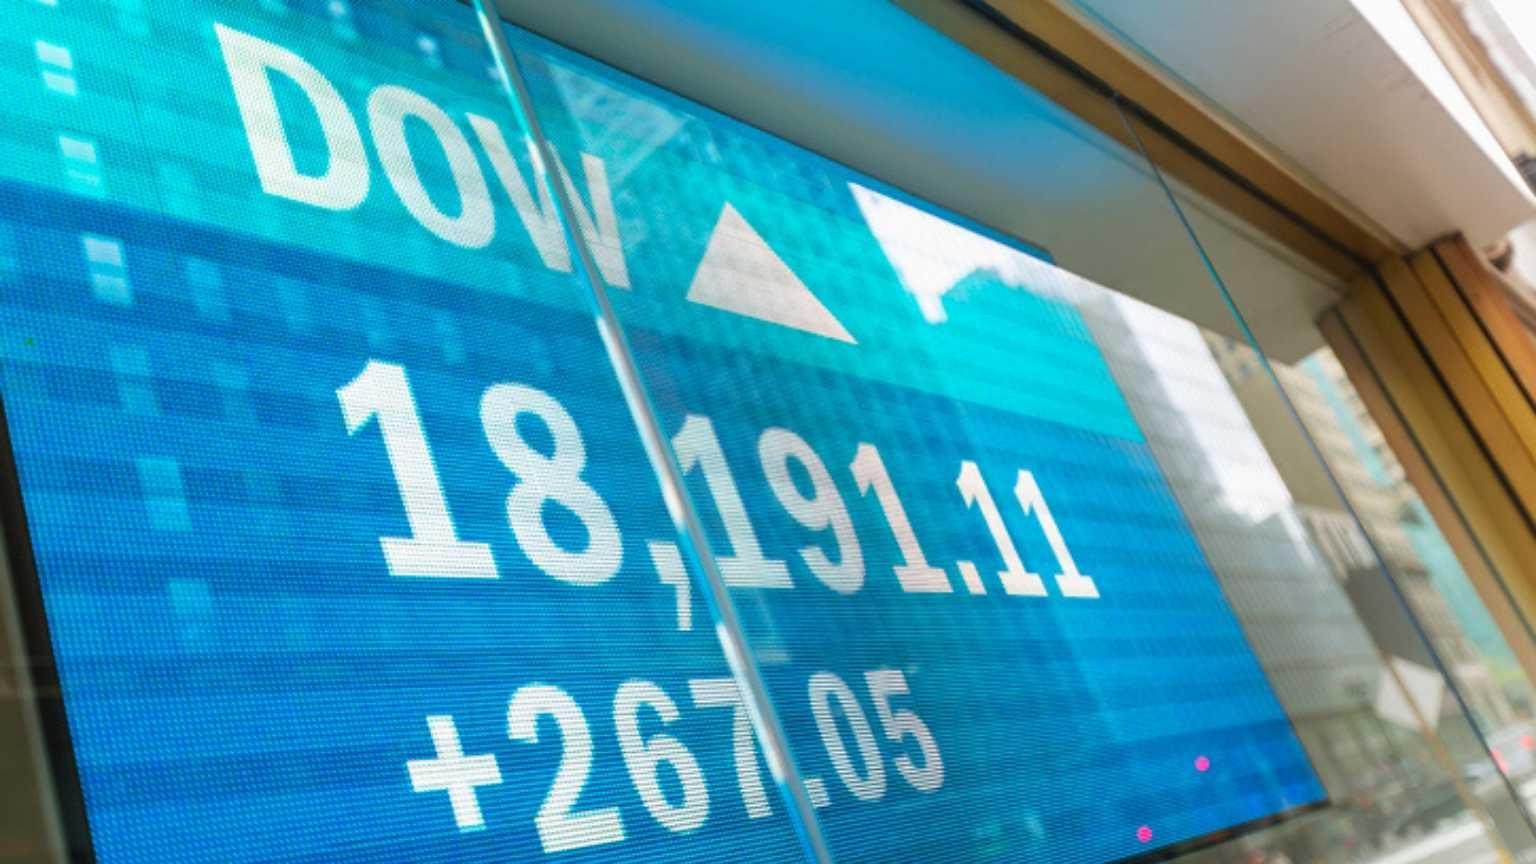 Dow Jones stock exchange